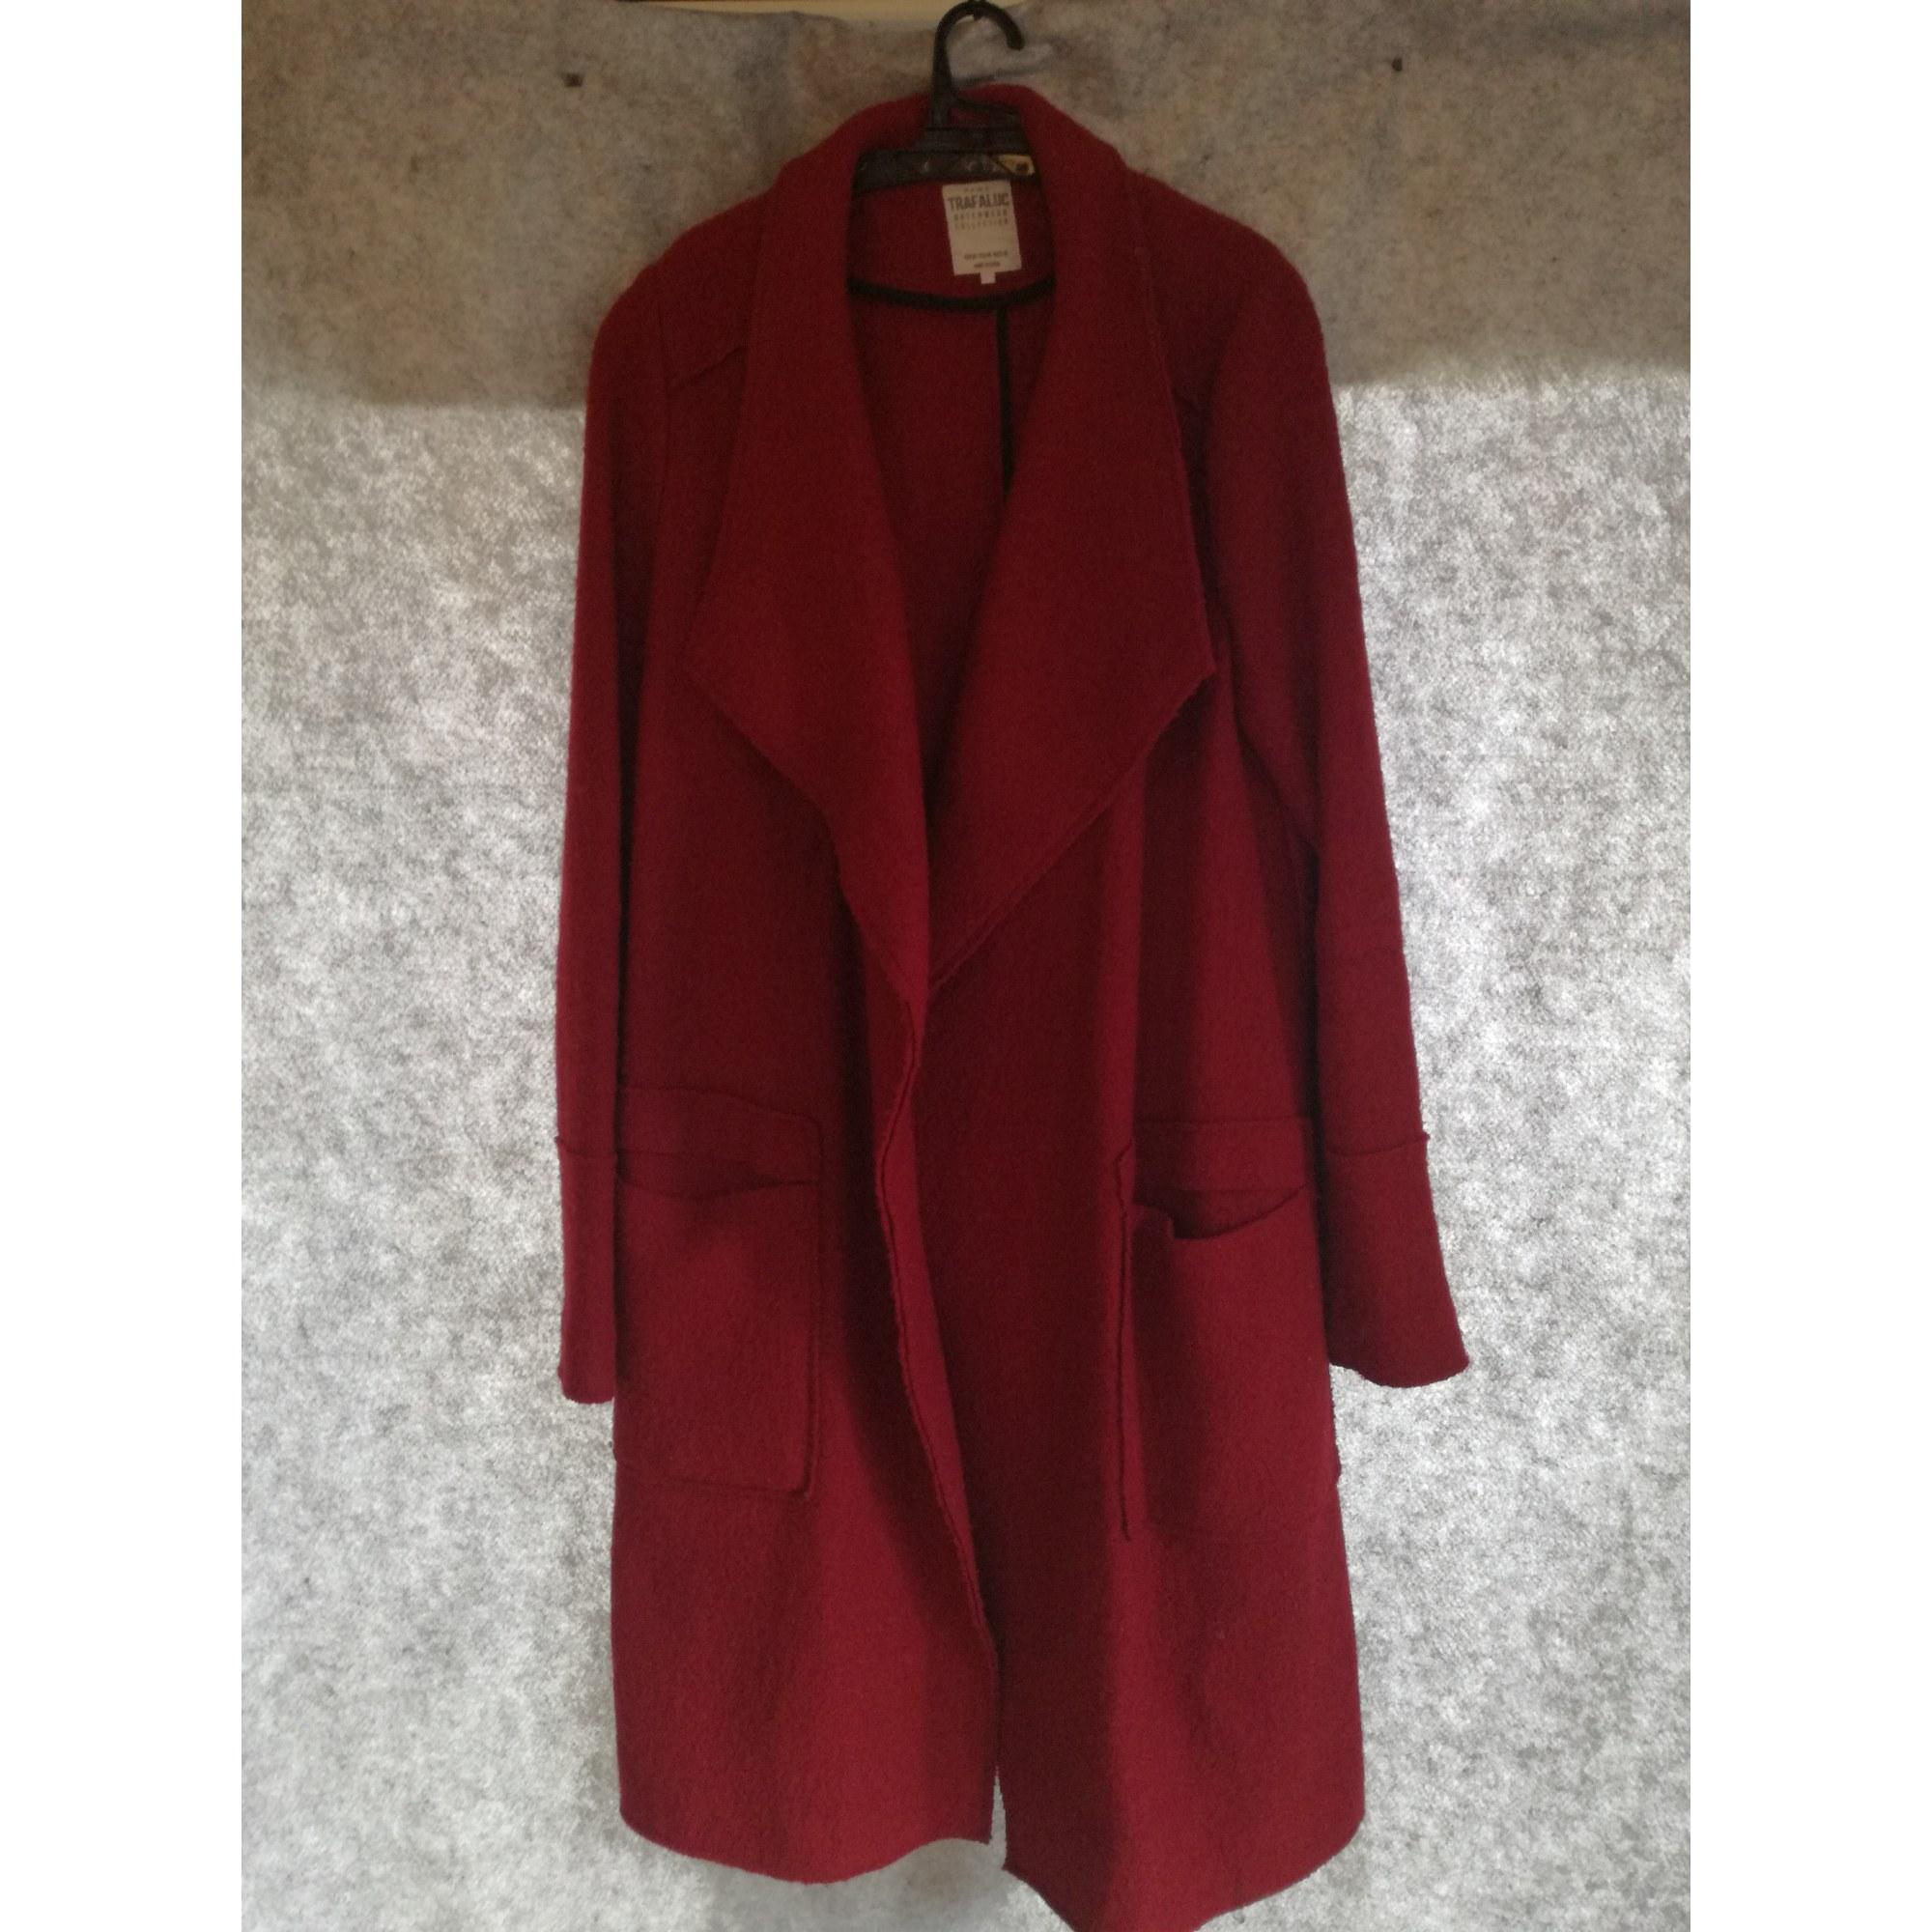 Manteau ZARA 38 (M, T2) rouge vendu par Binju 5722794